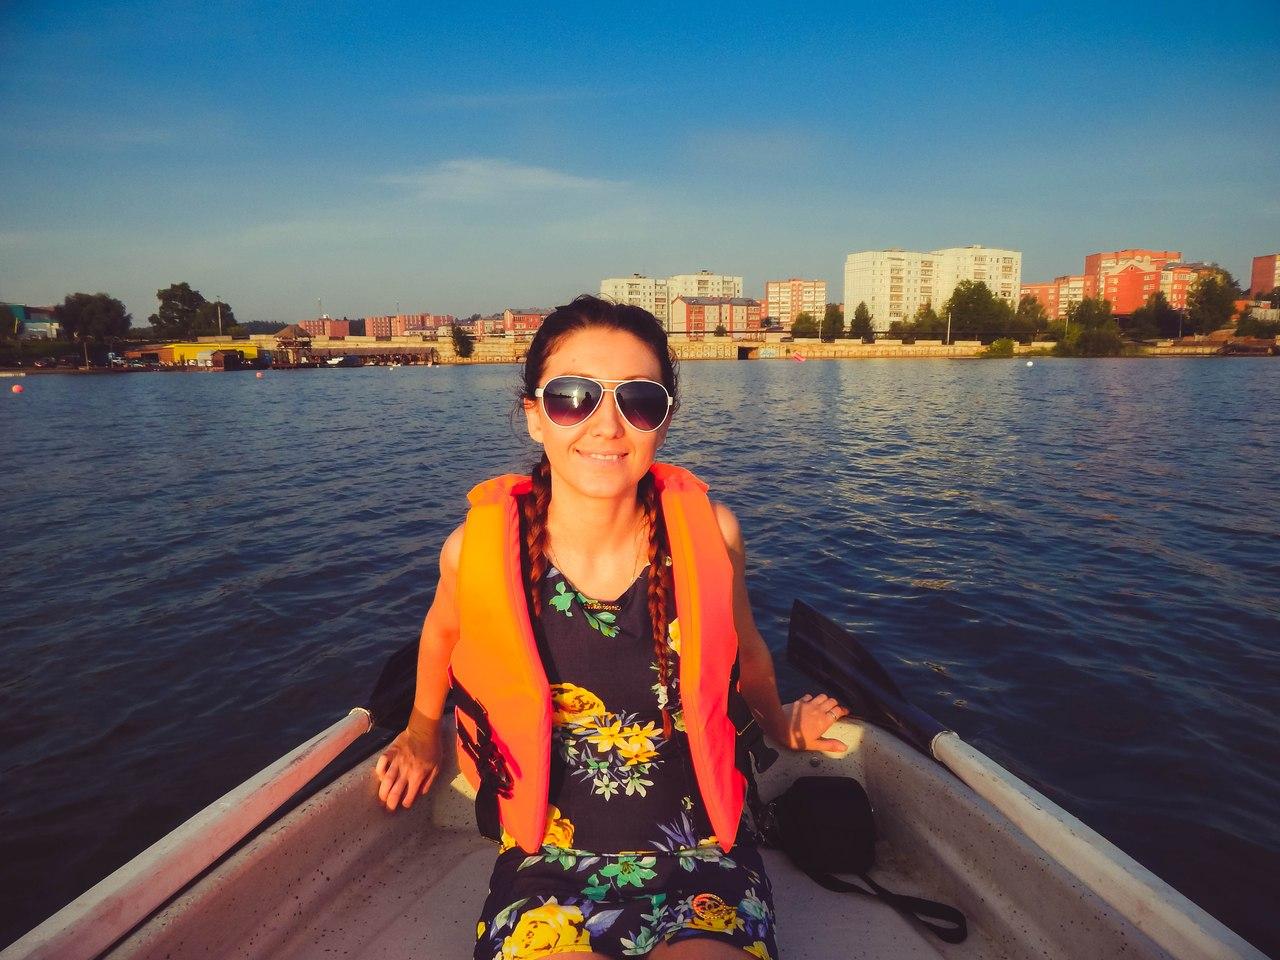 Романтика. Вечерние катания на лодке с любимым. Наше лето